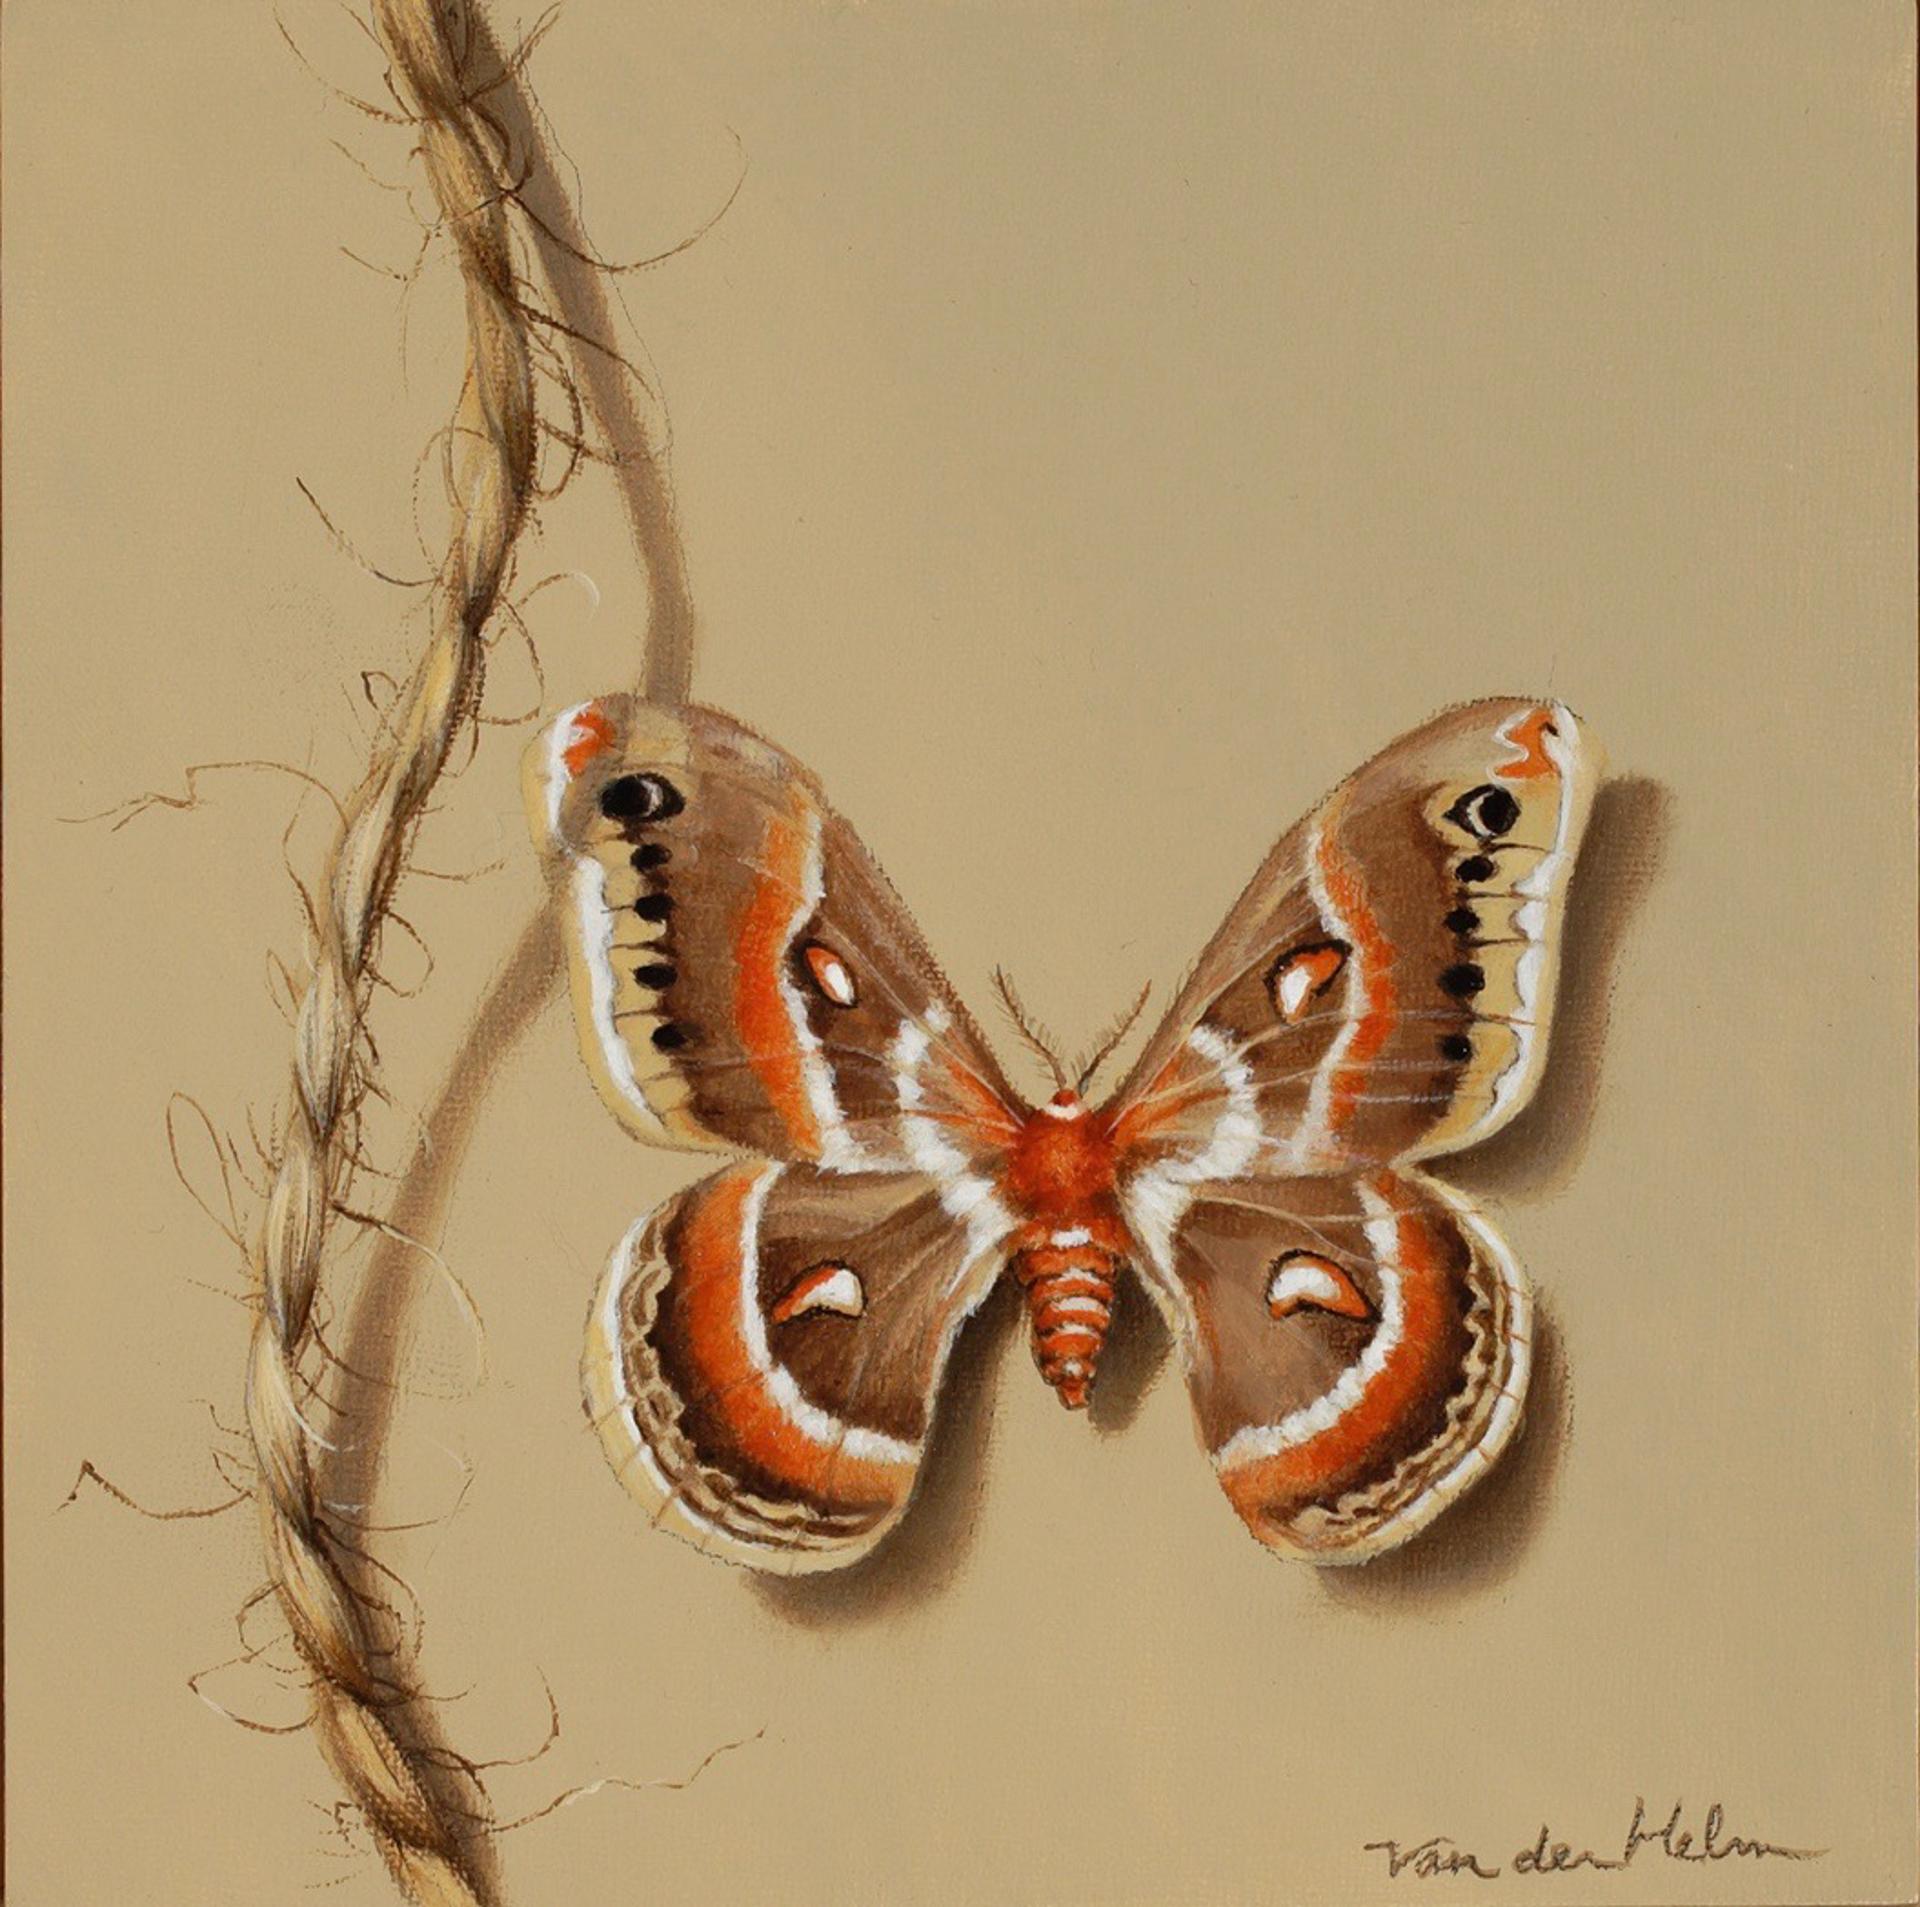 Cecropia Moth by Sarah van der Helm